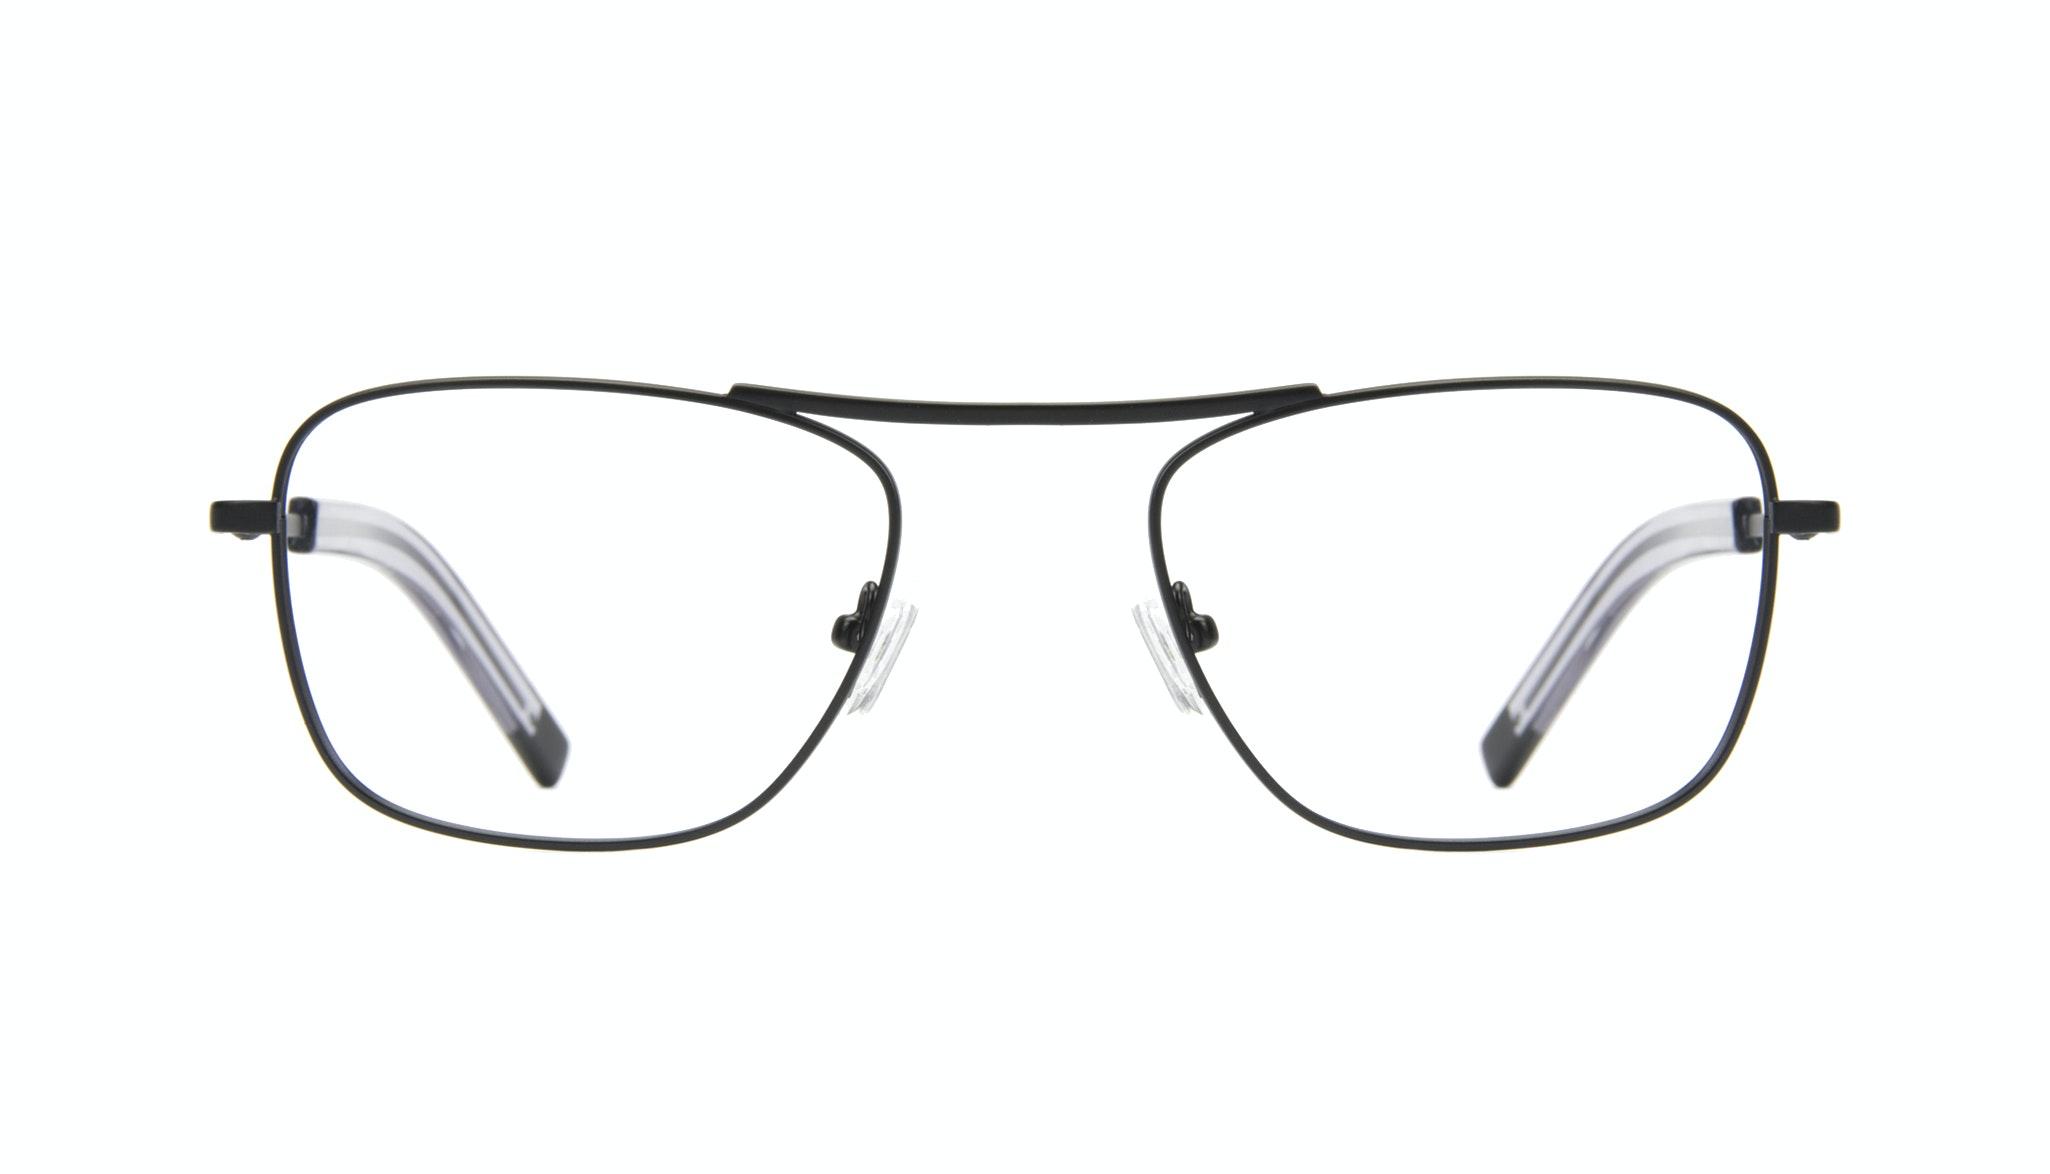 Affordable Fashion Glasses Aviator Rectangle Eyeglasses Men Stark Matt Black